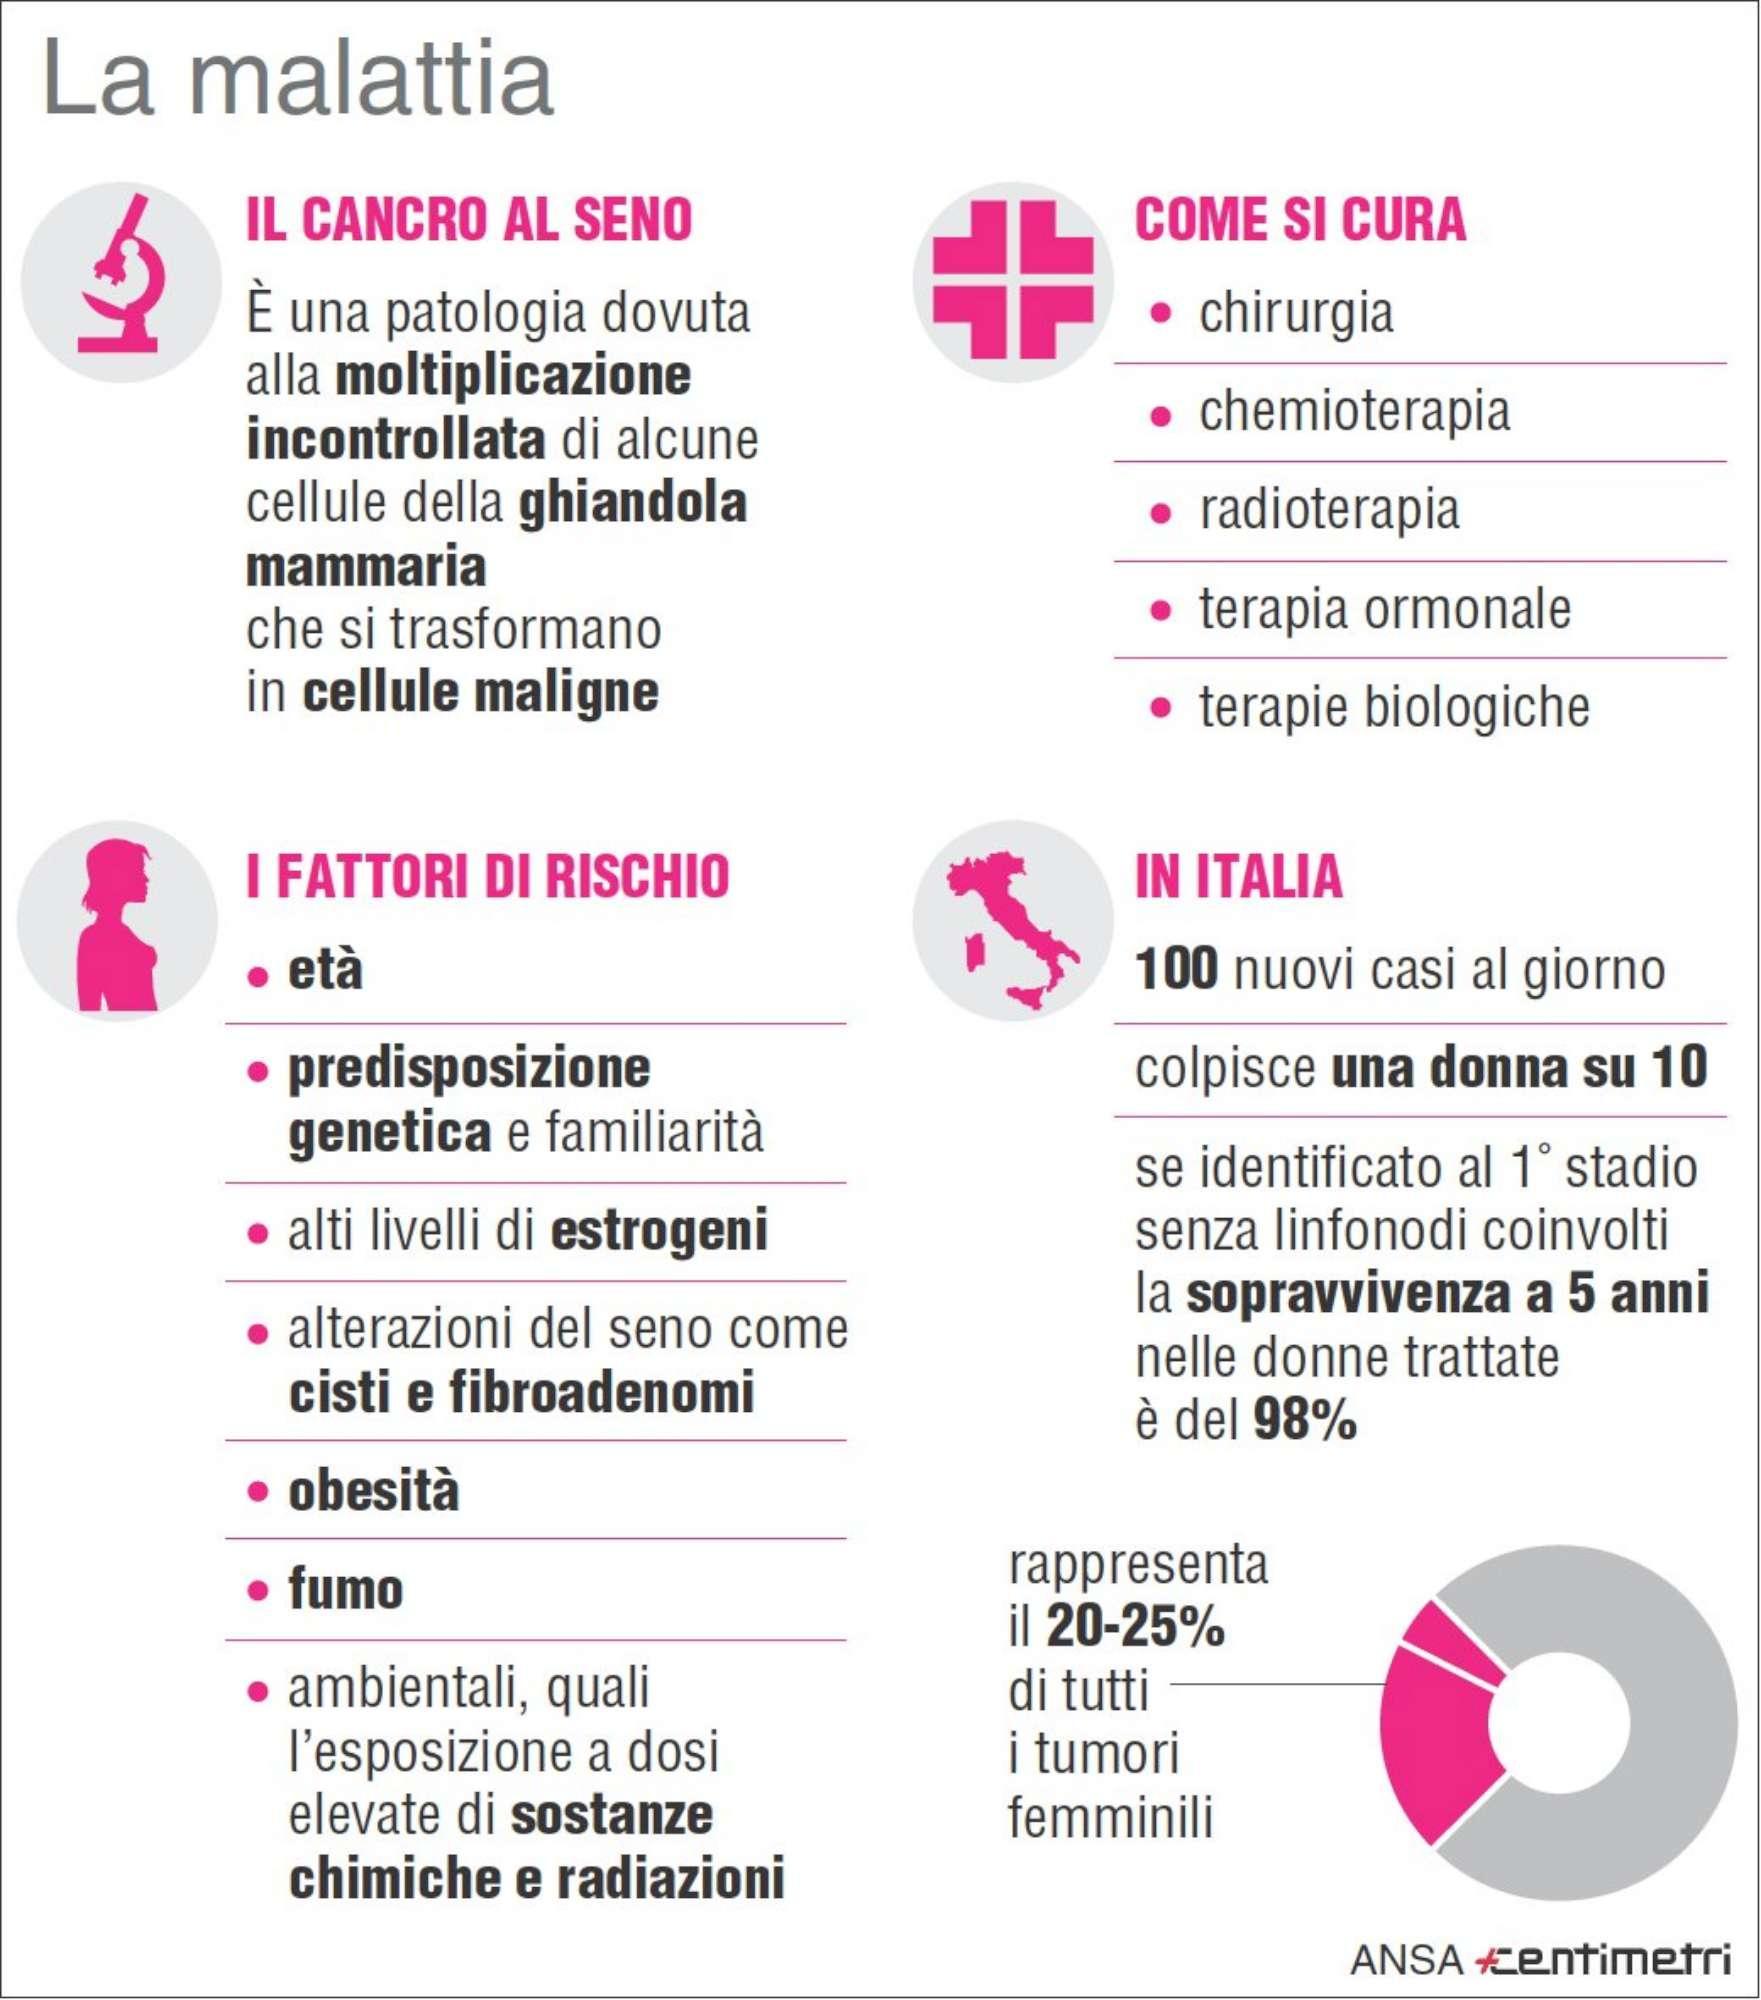 Tumore, come si cura e i fattori a rischio